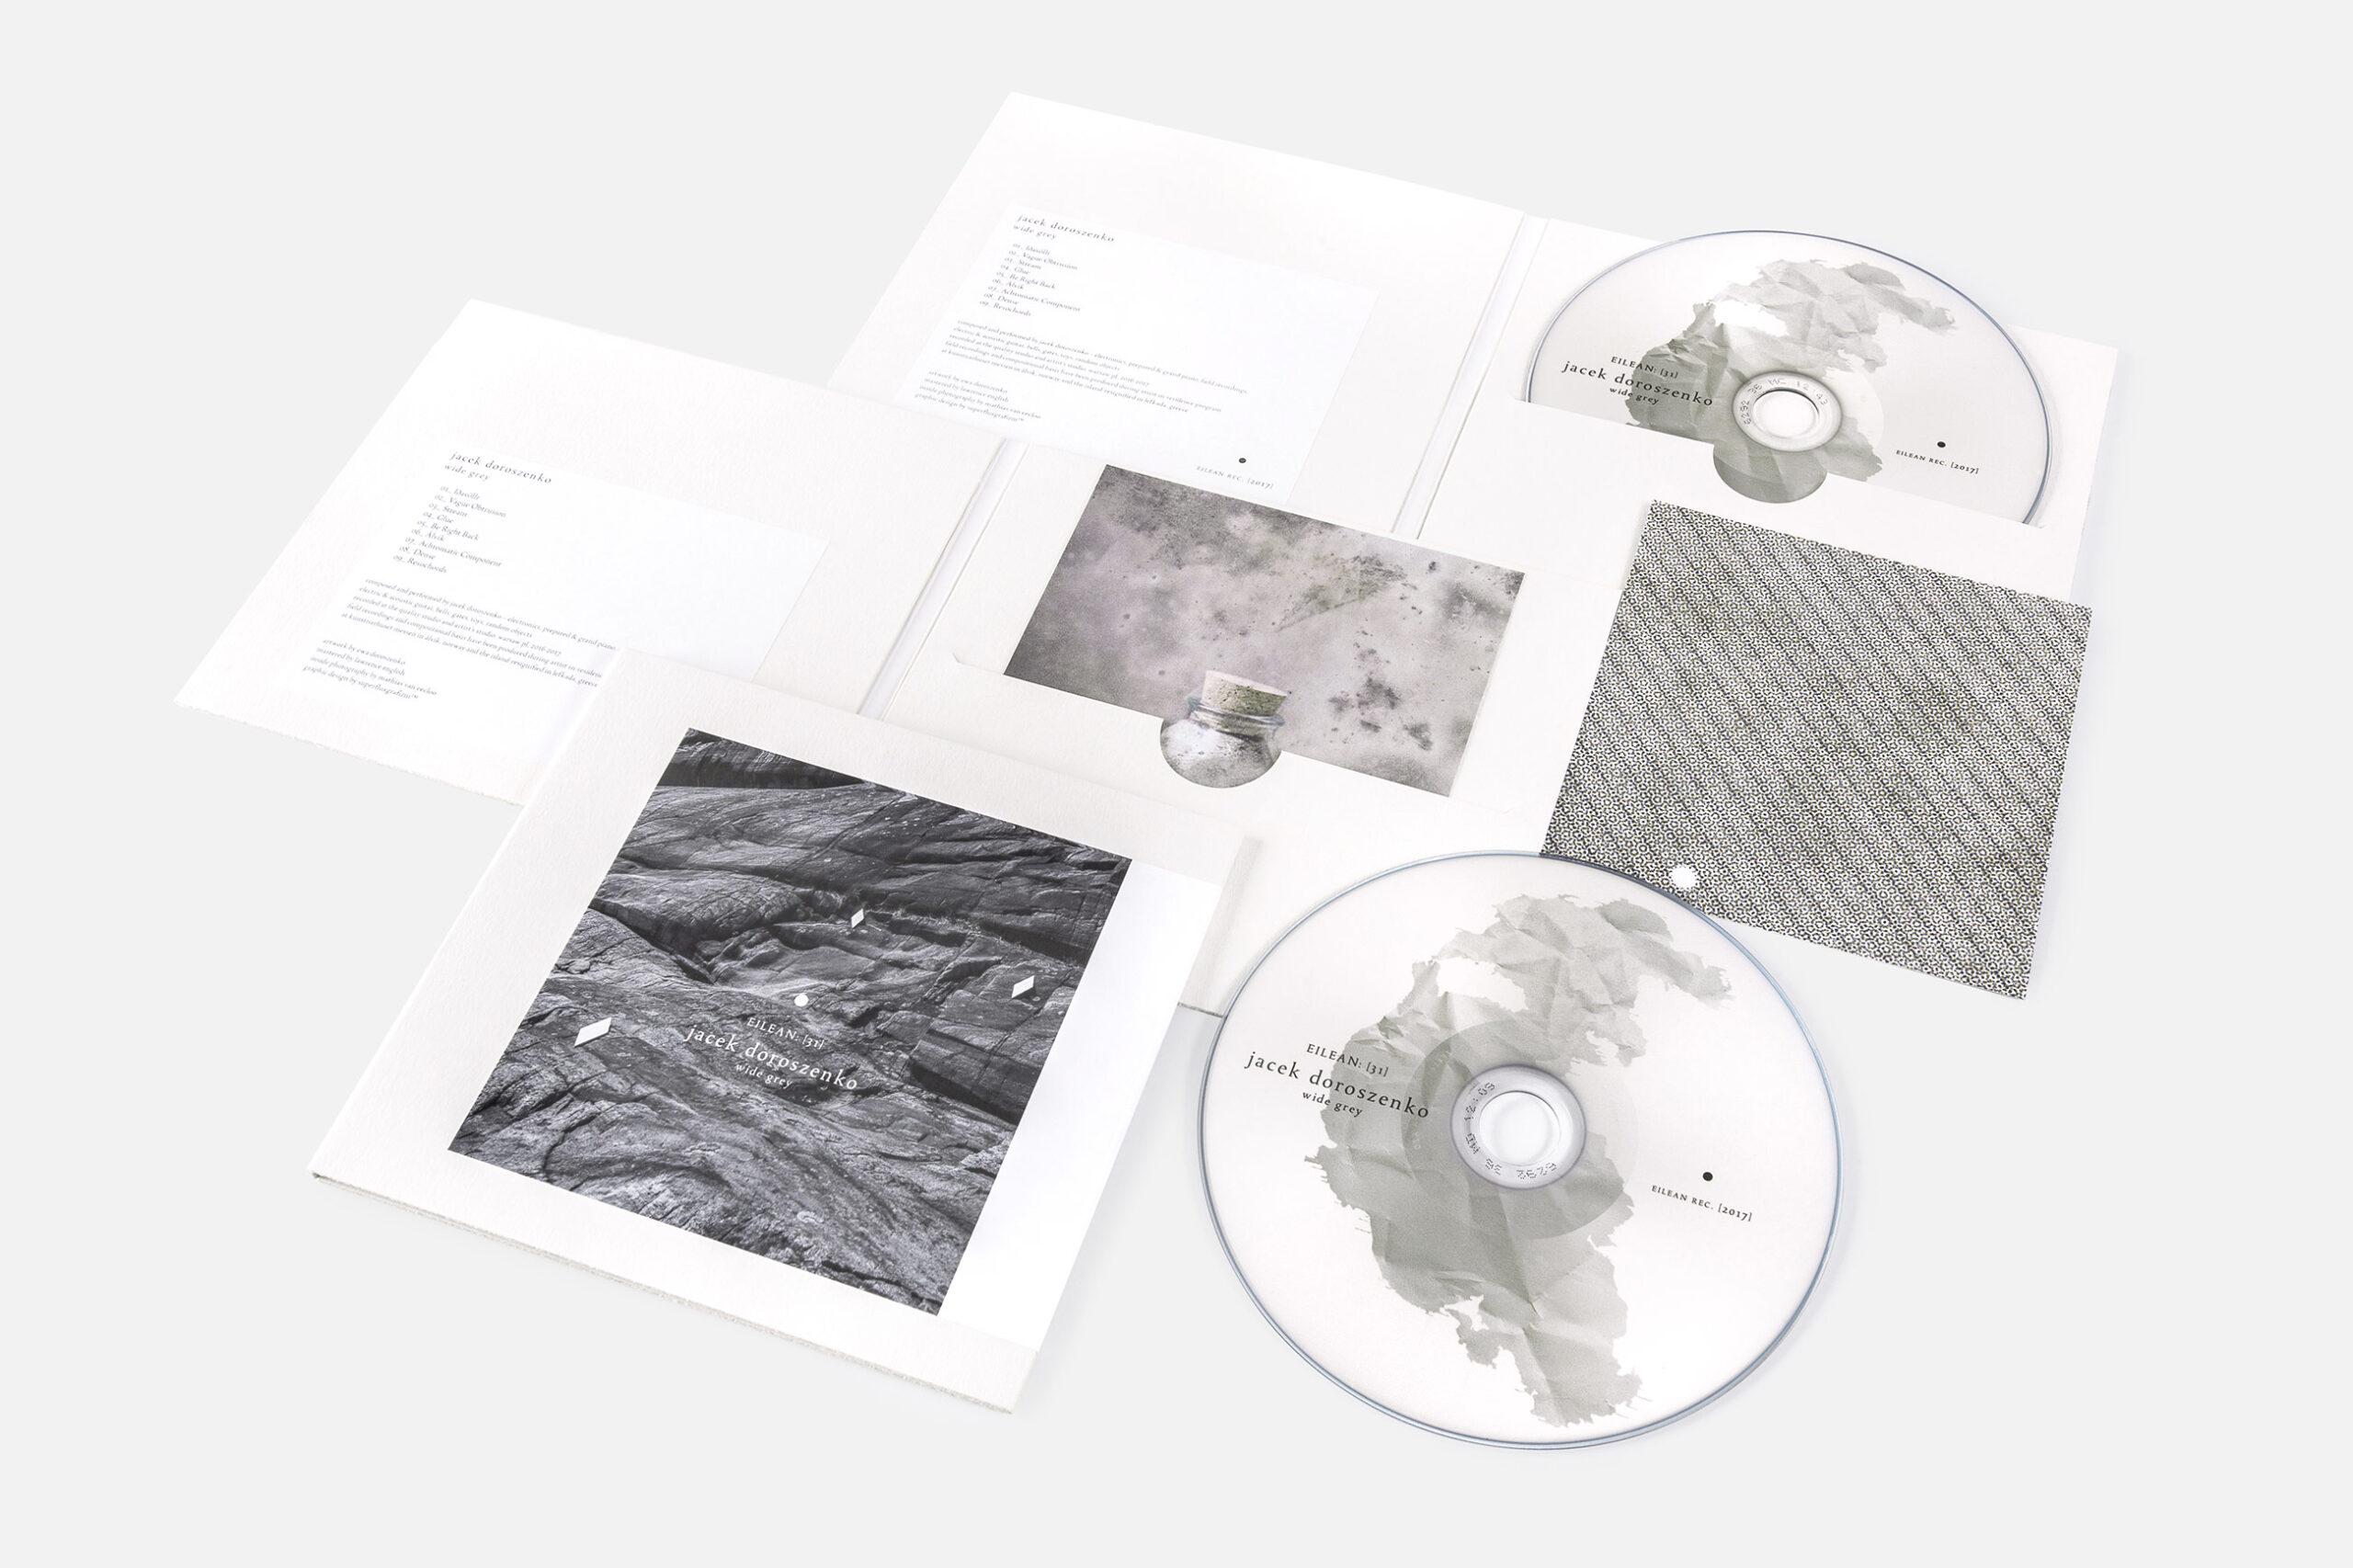 Jacek Doroszenko - Wide Grey, Eilean Records, album detail 3